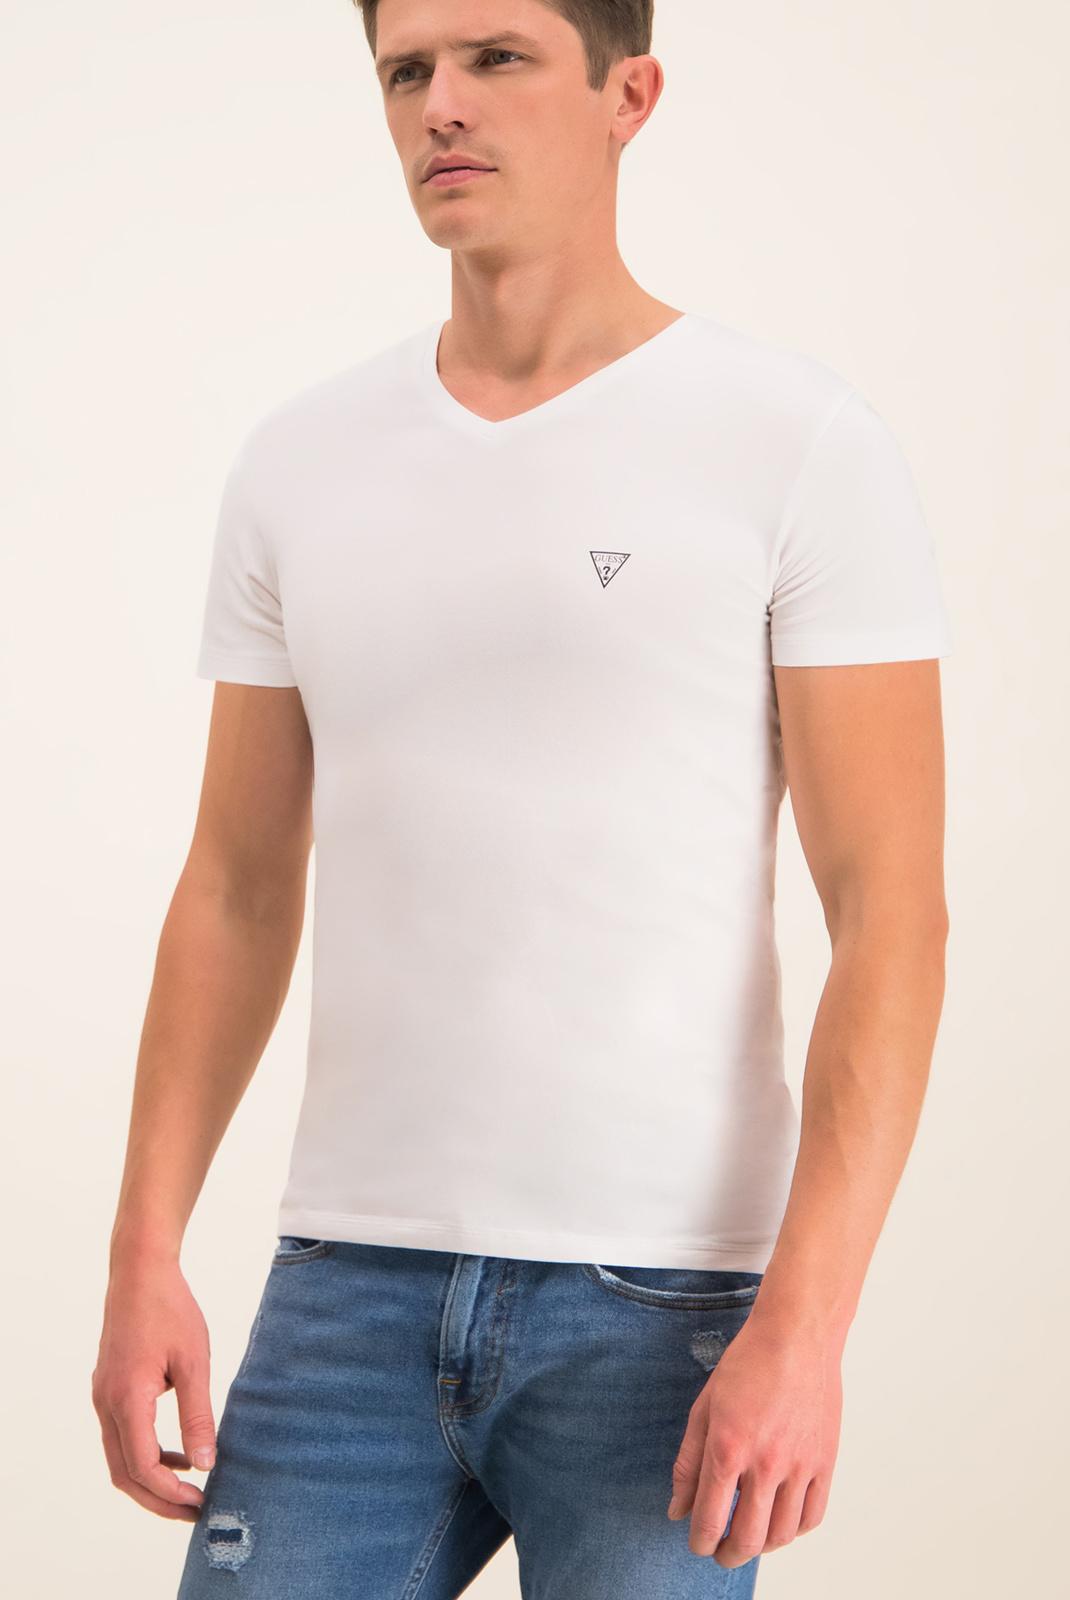 T-S manches courtes  Guess jeans U97G03 JR003 A009